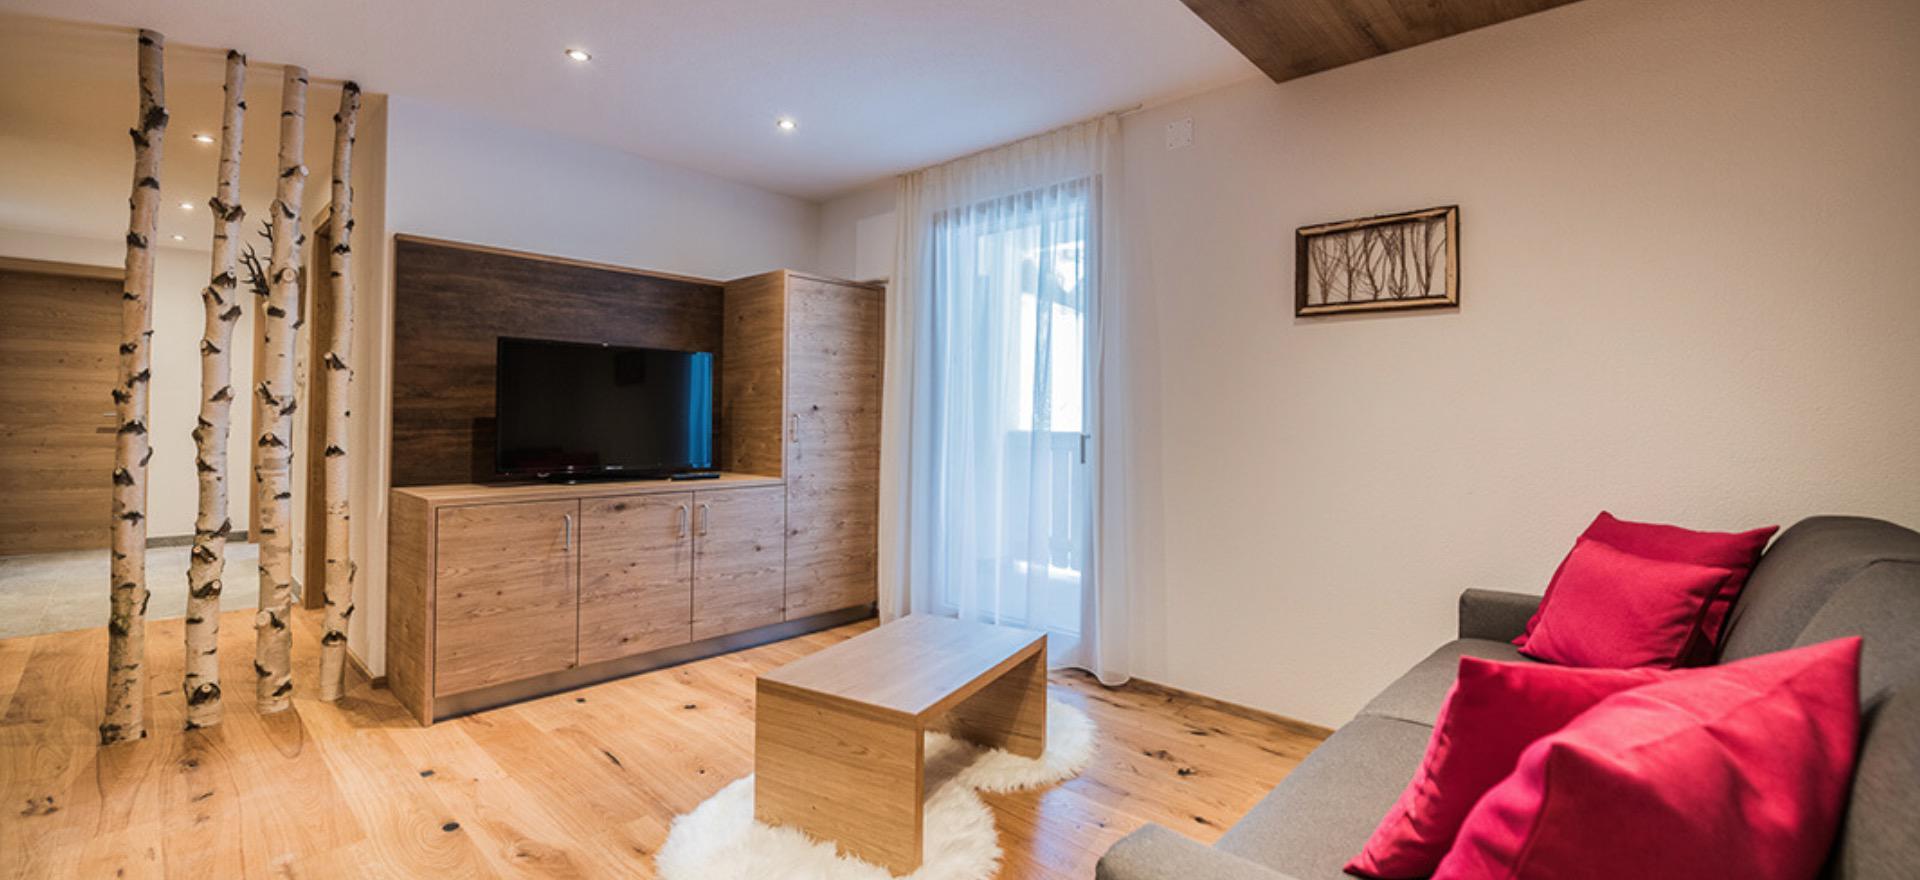 Appartementen bij gastvrije boerenfamilie in de Dolomieten